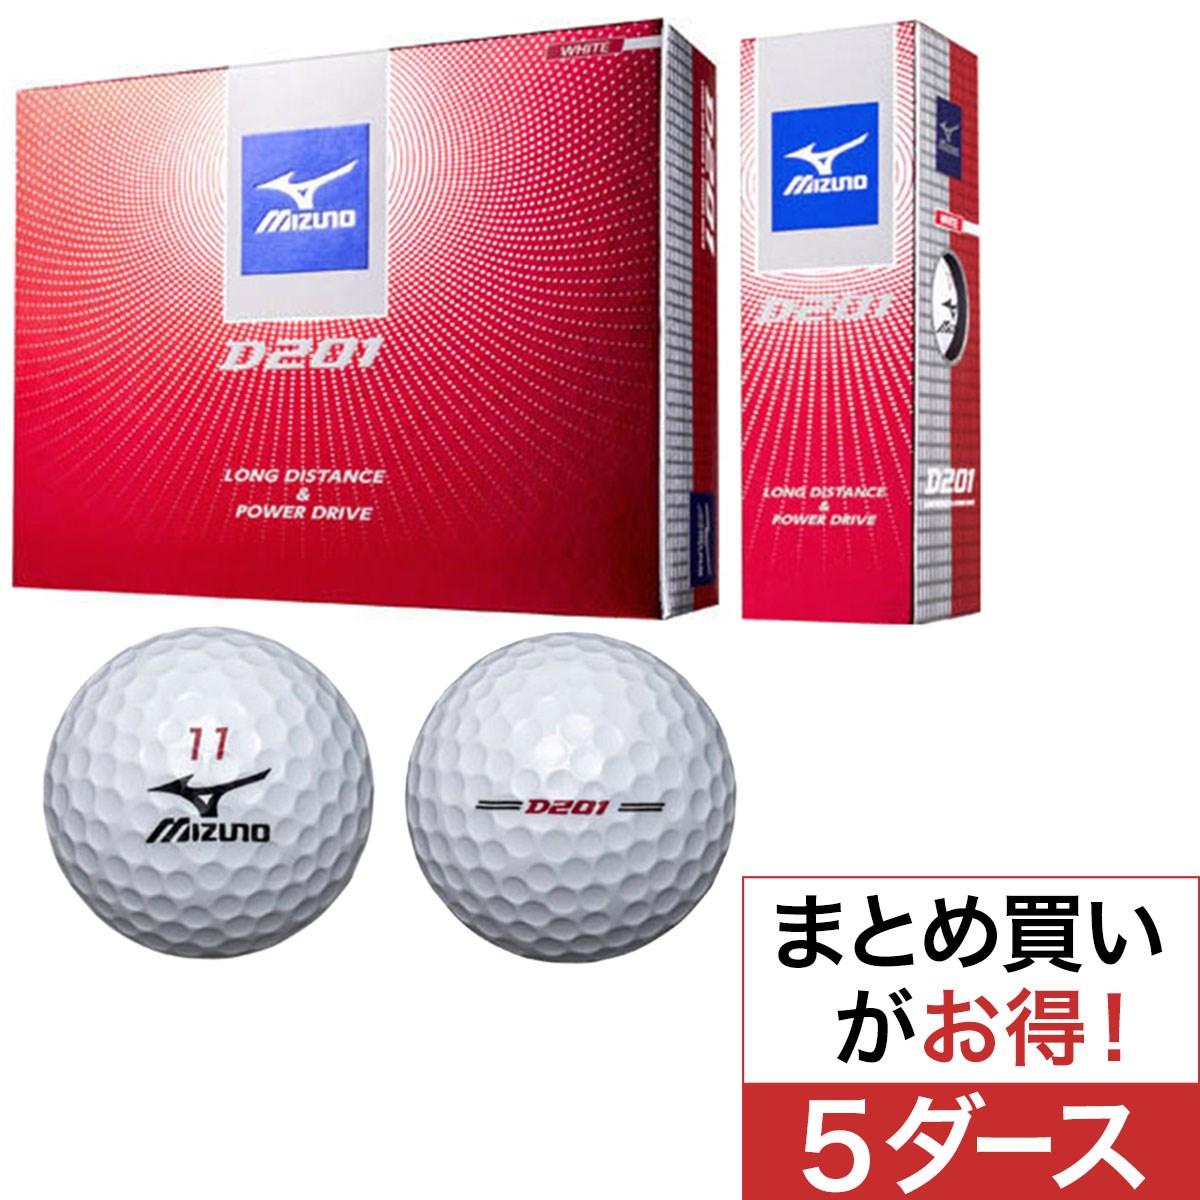 ミズノ(MIZUNO) D201 ボール 5ダースセット